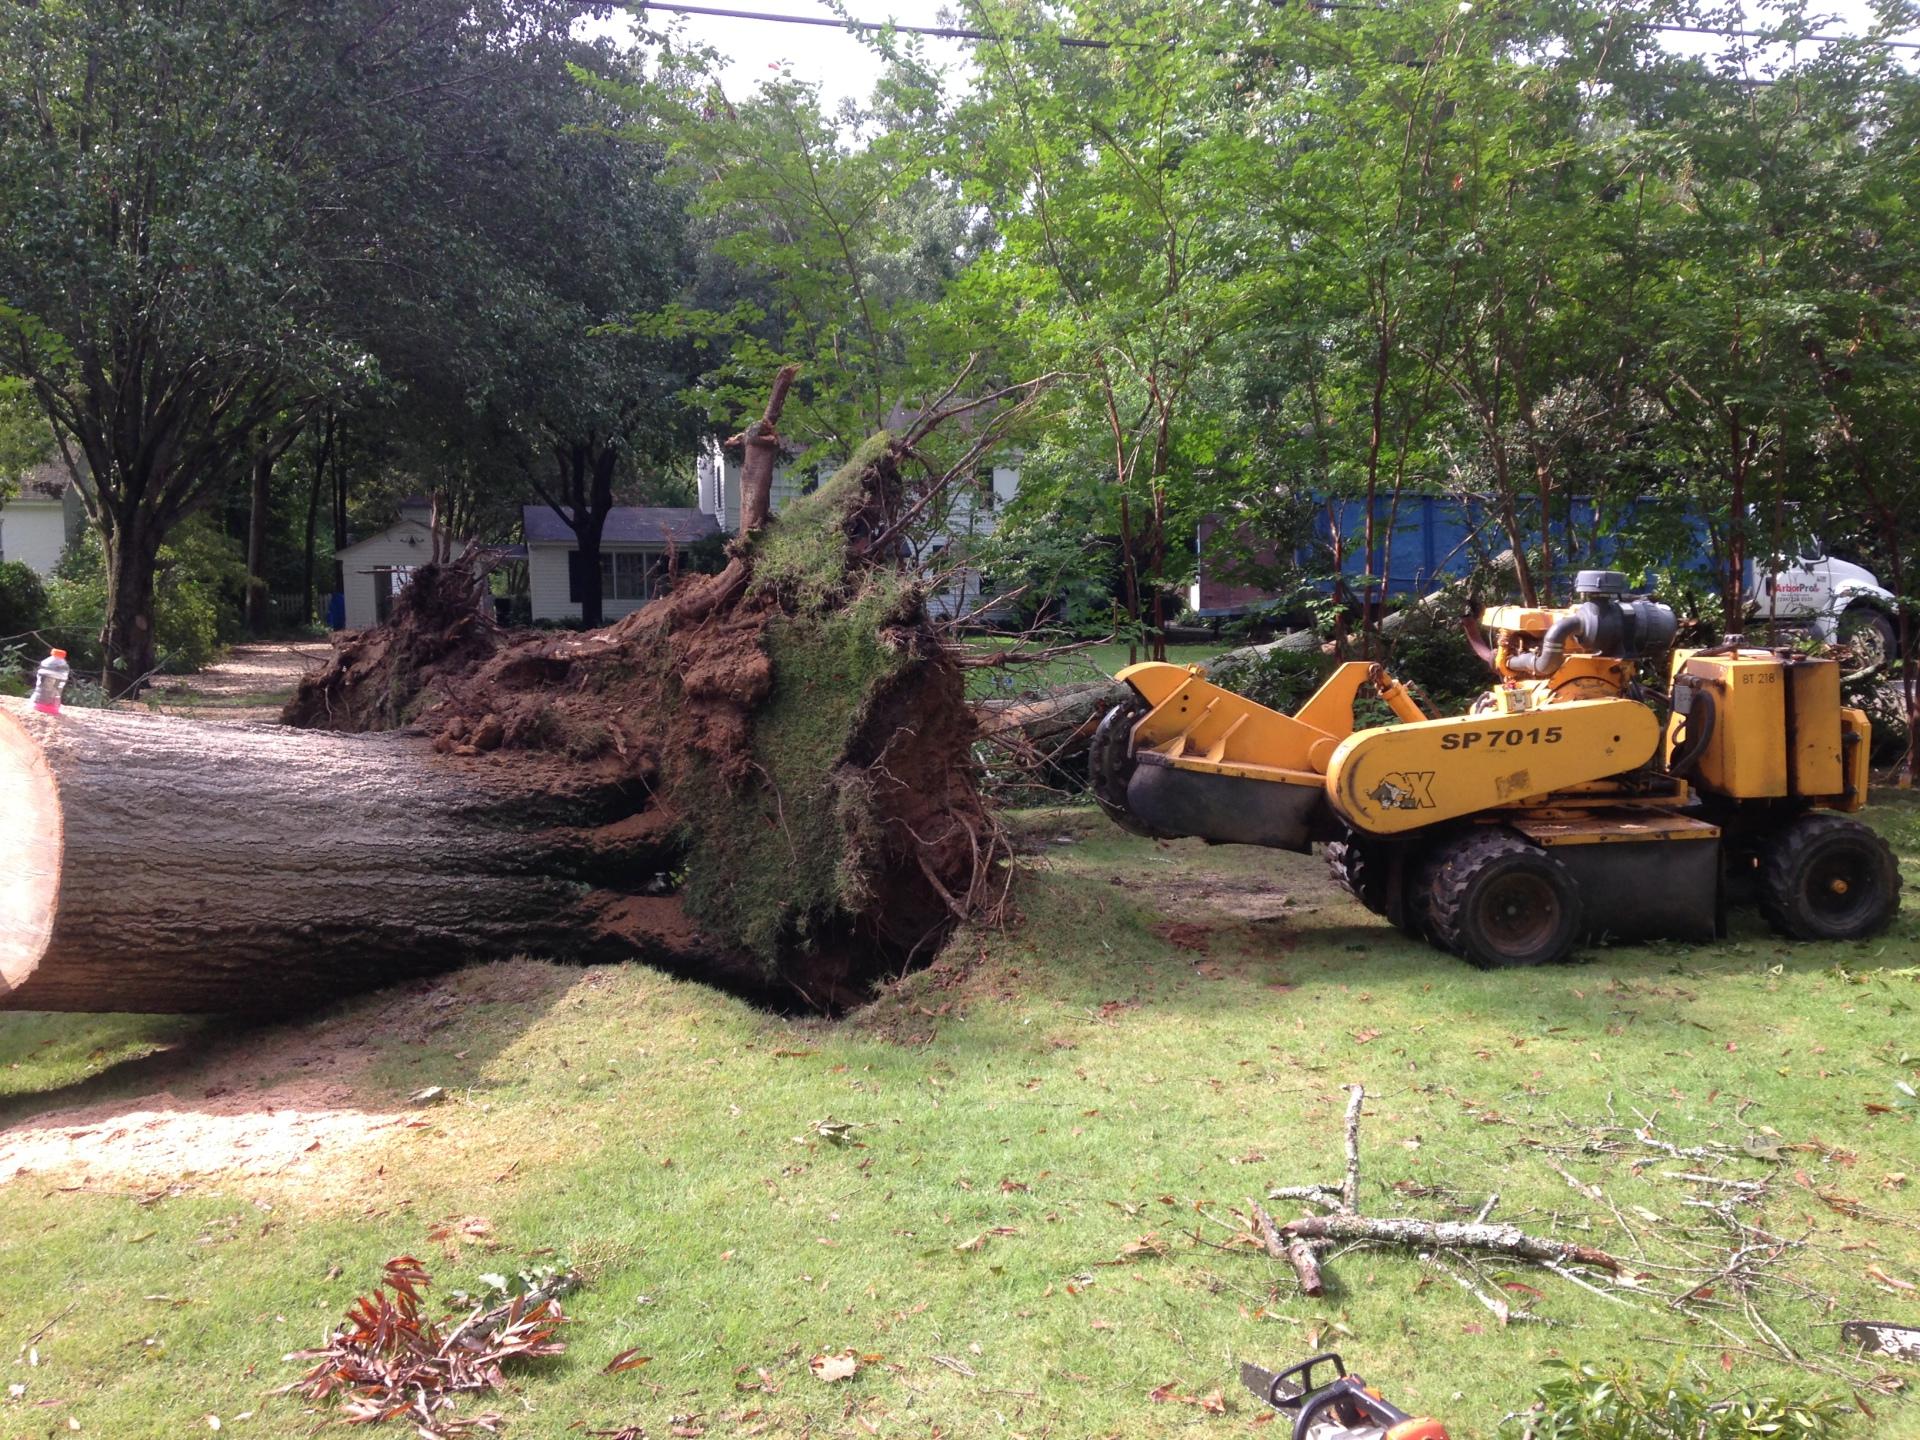 Blown over stump in Montgomery, AL